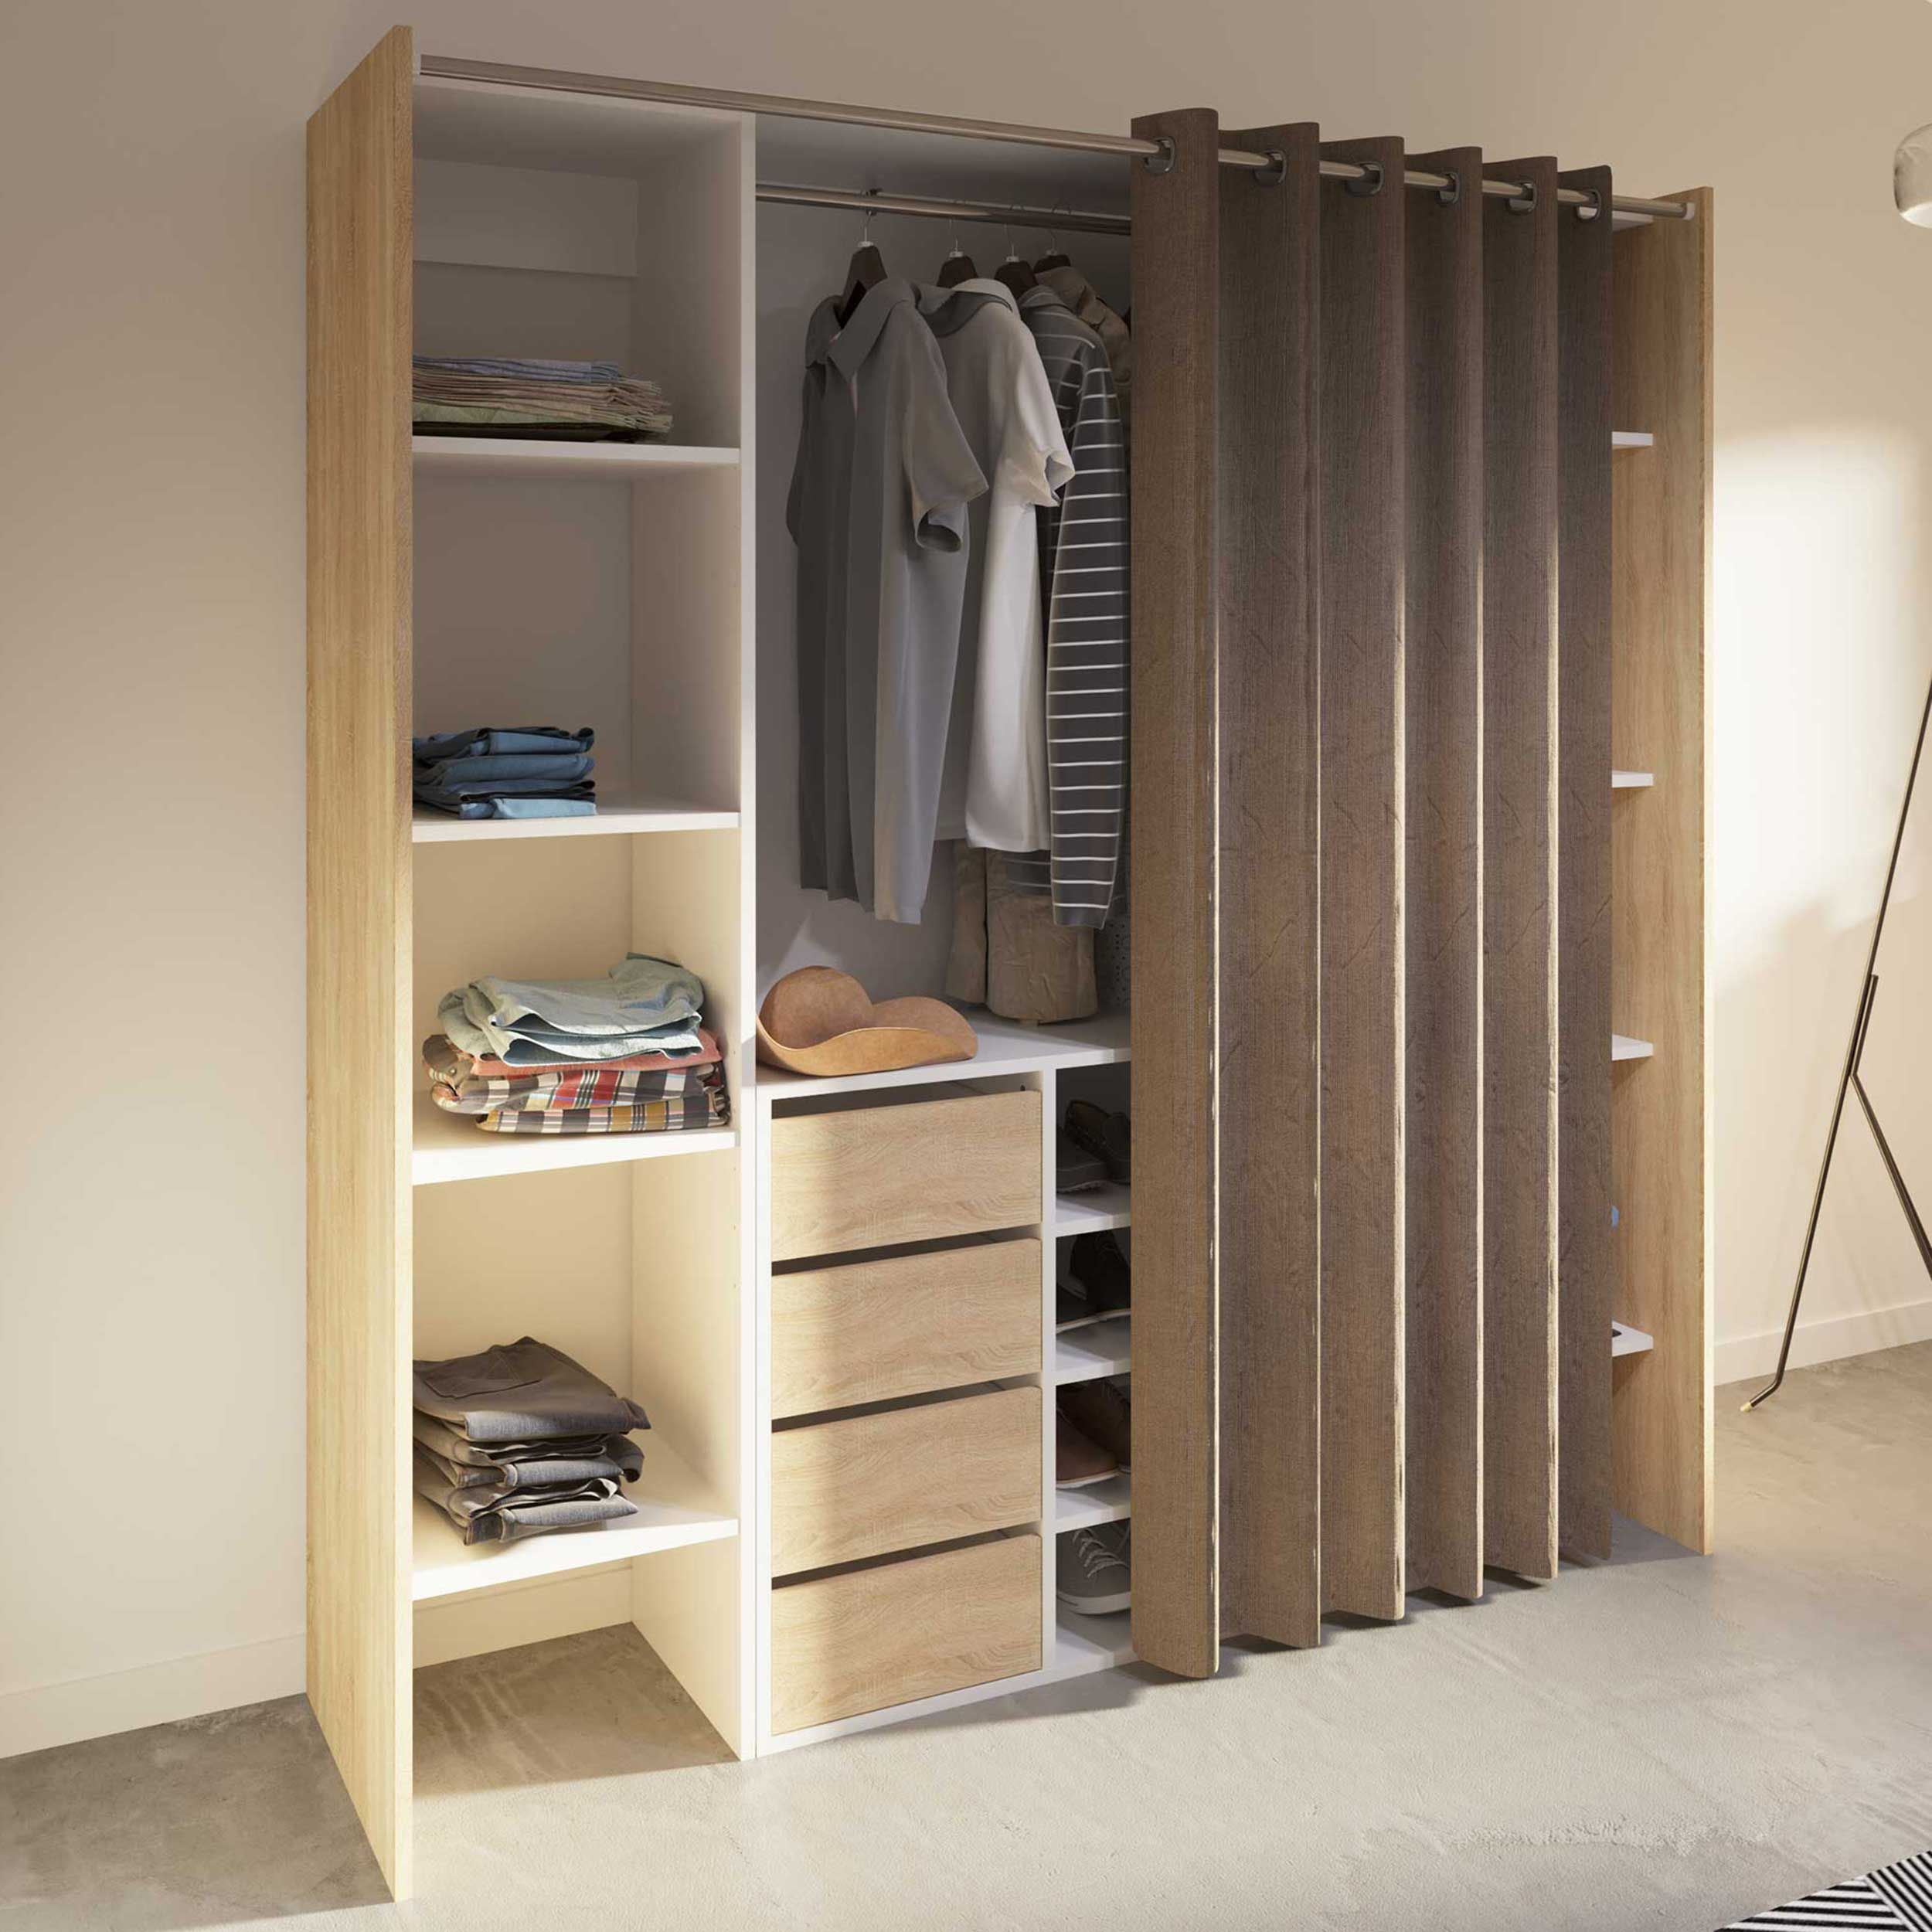 armoire spike 112 185cm avec rideau tiroirs chene taupe